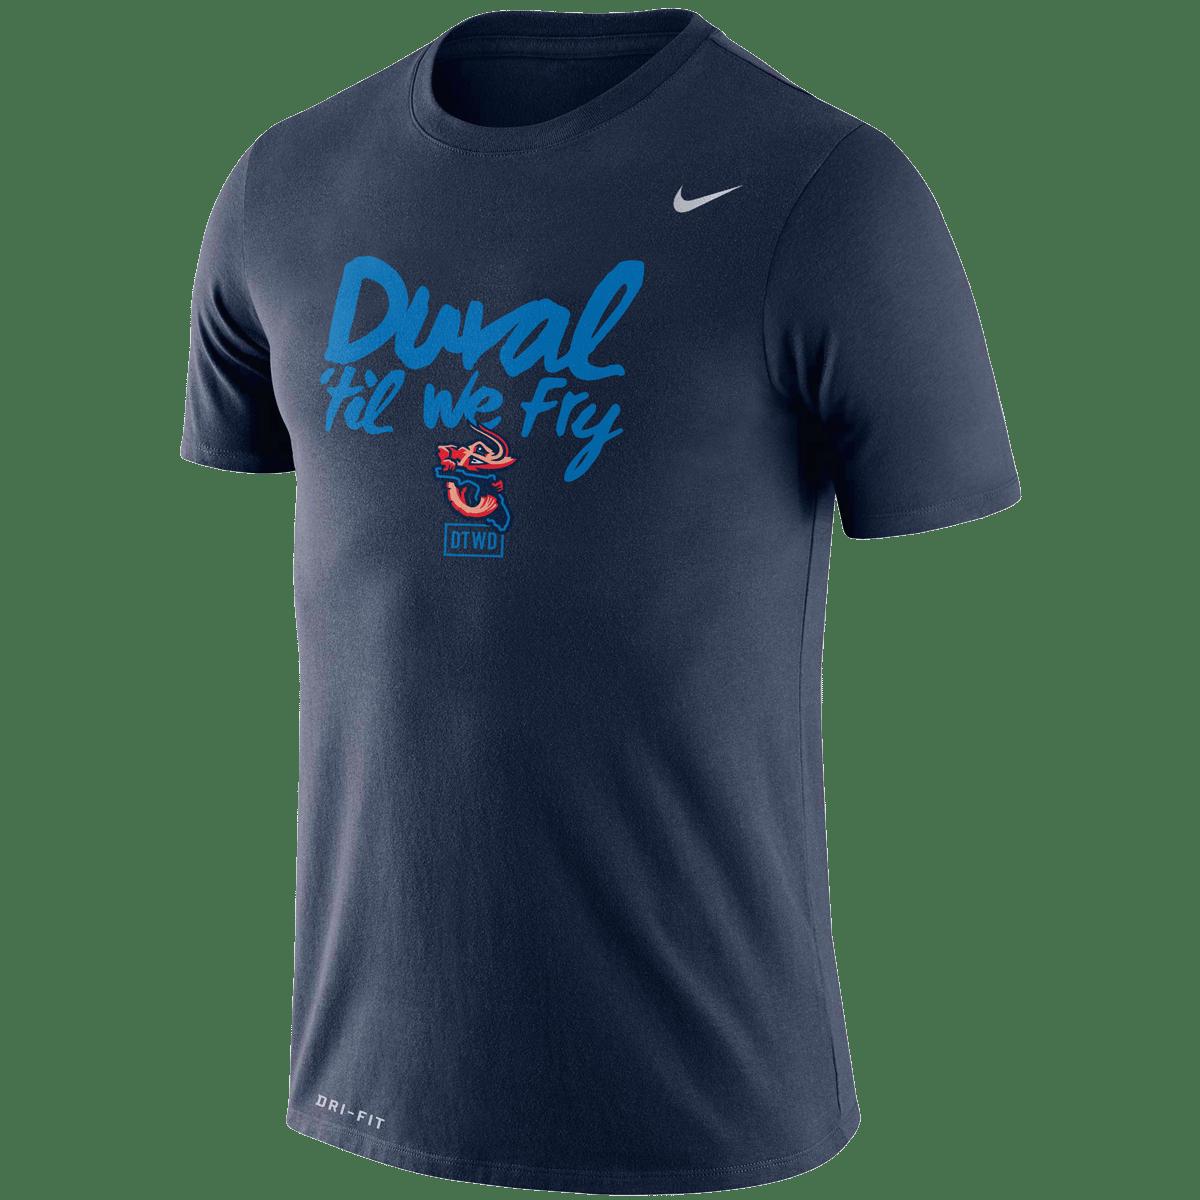 Image of Duval til we Fry